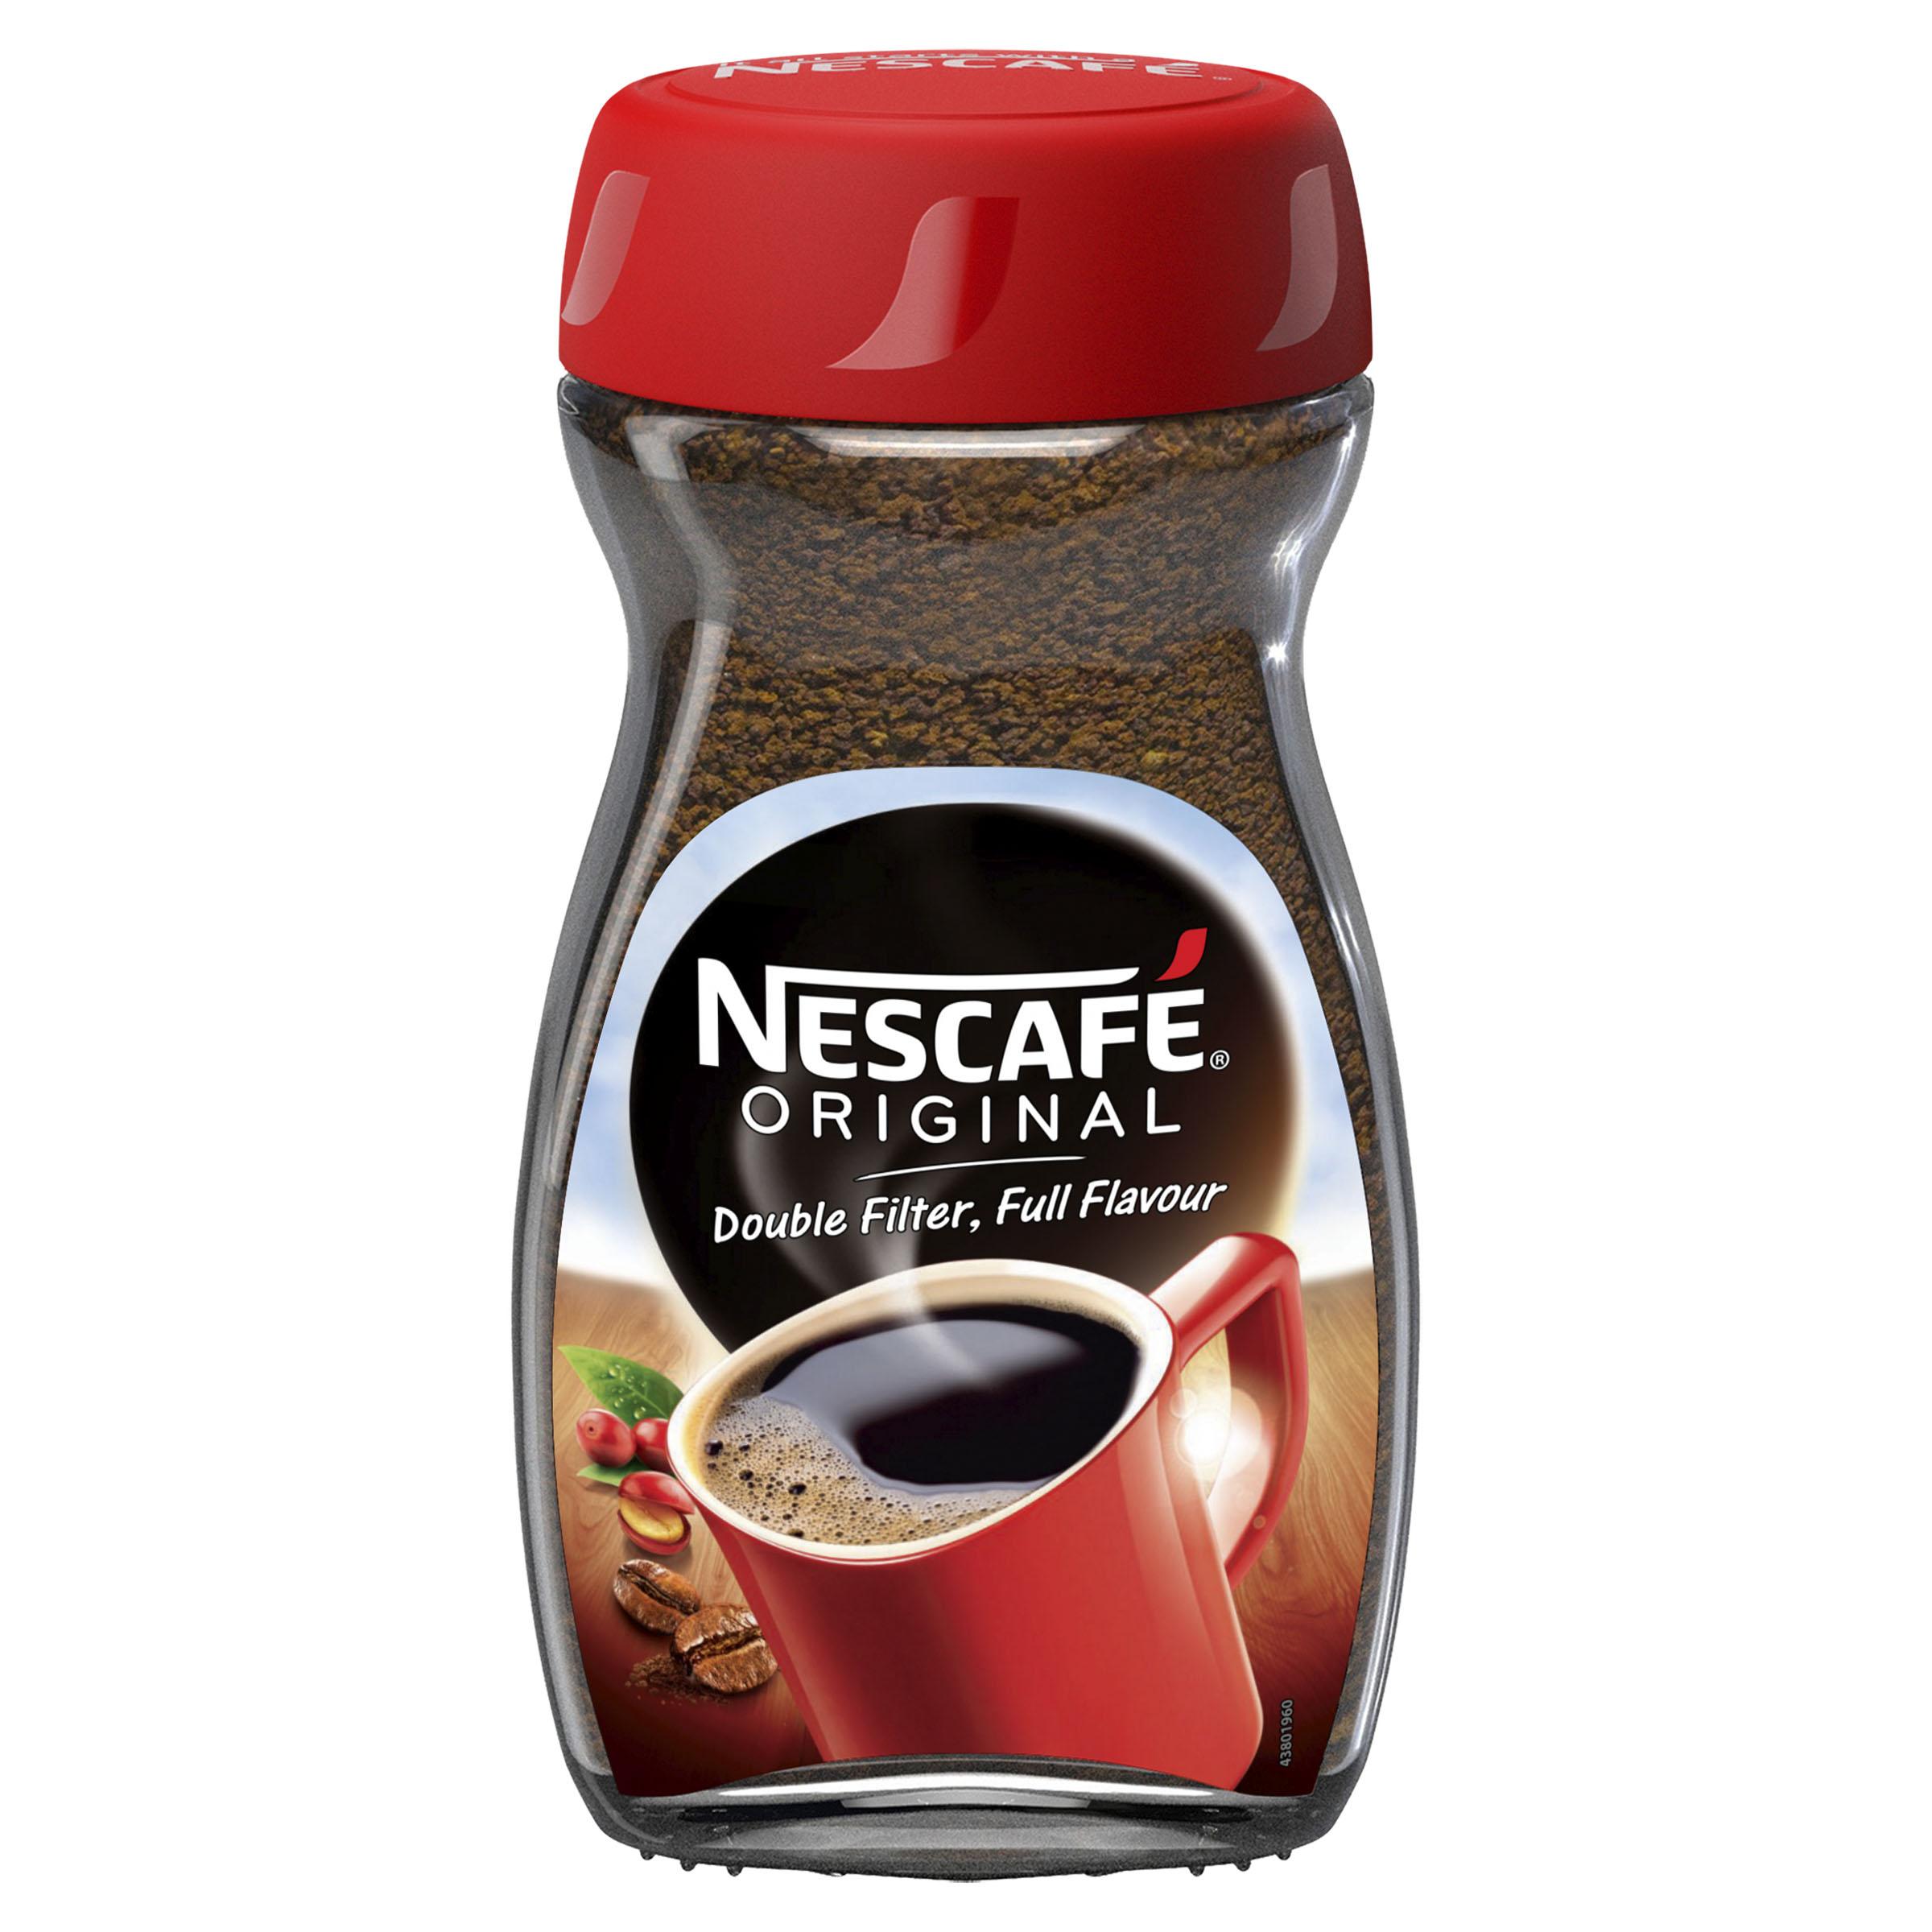 Jar of NESCAFÉ coffee